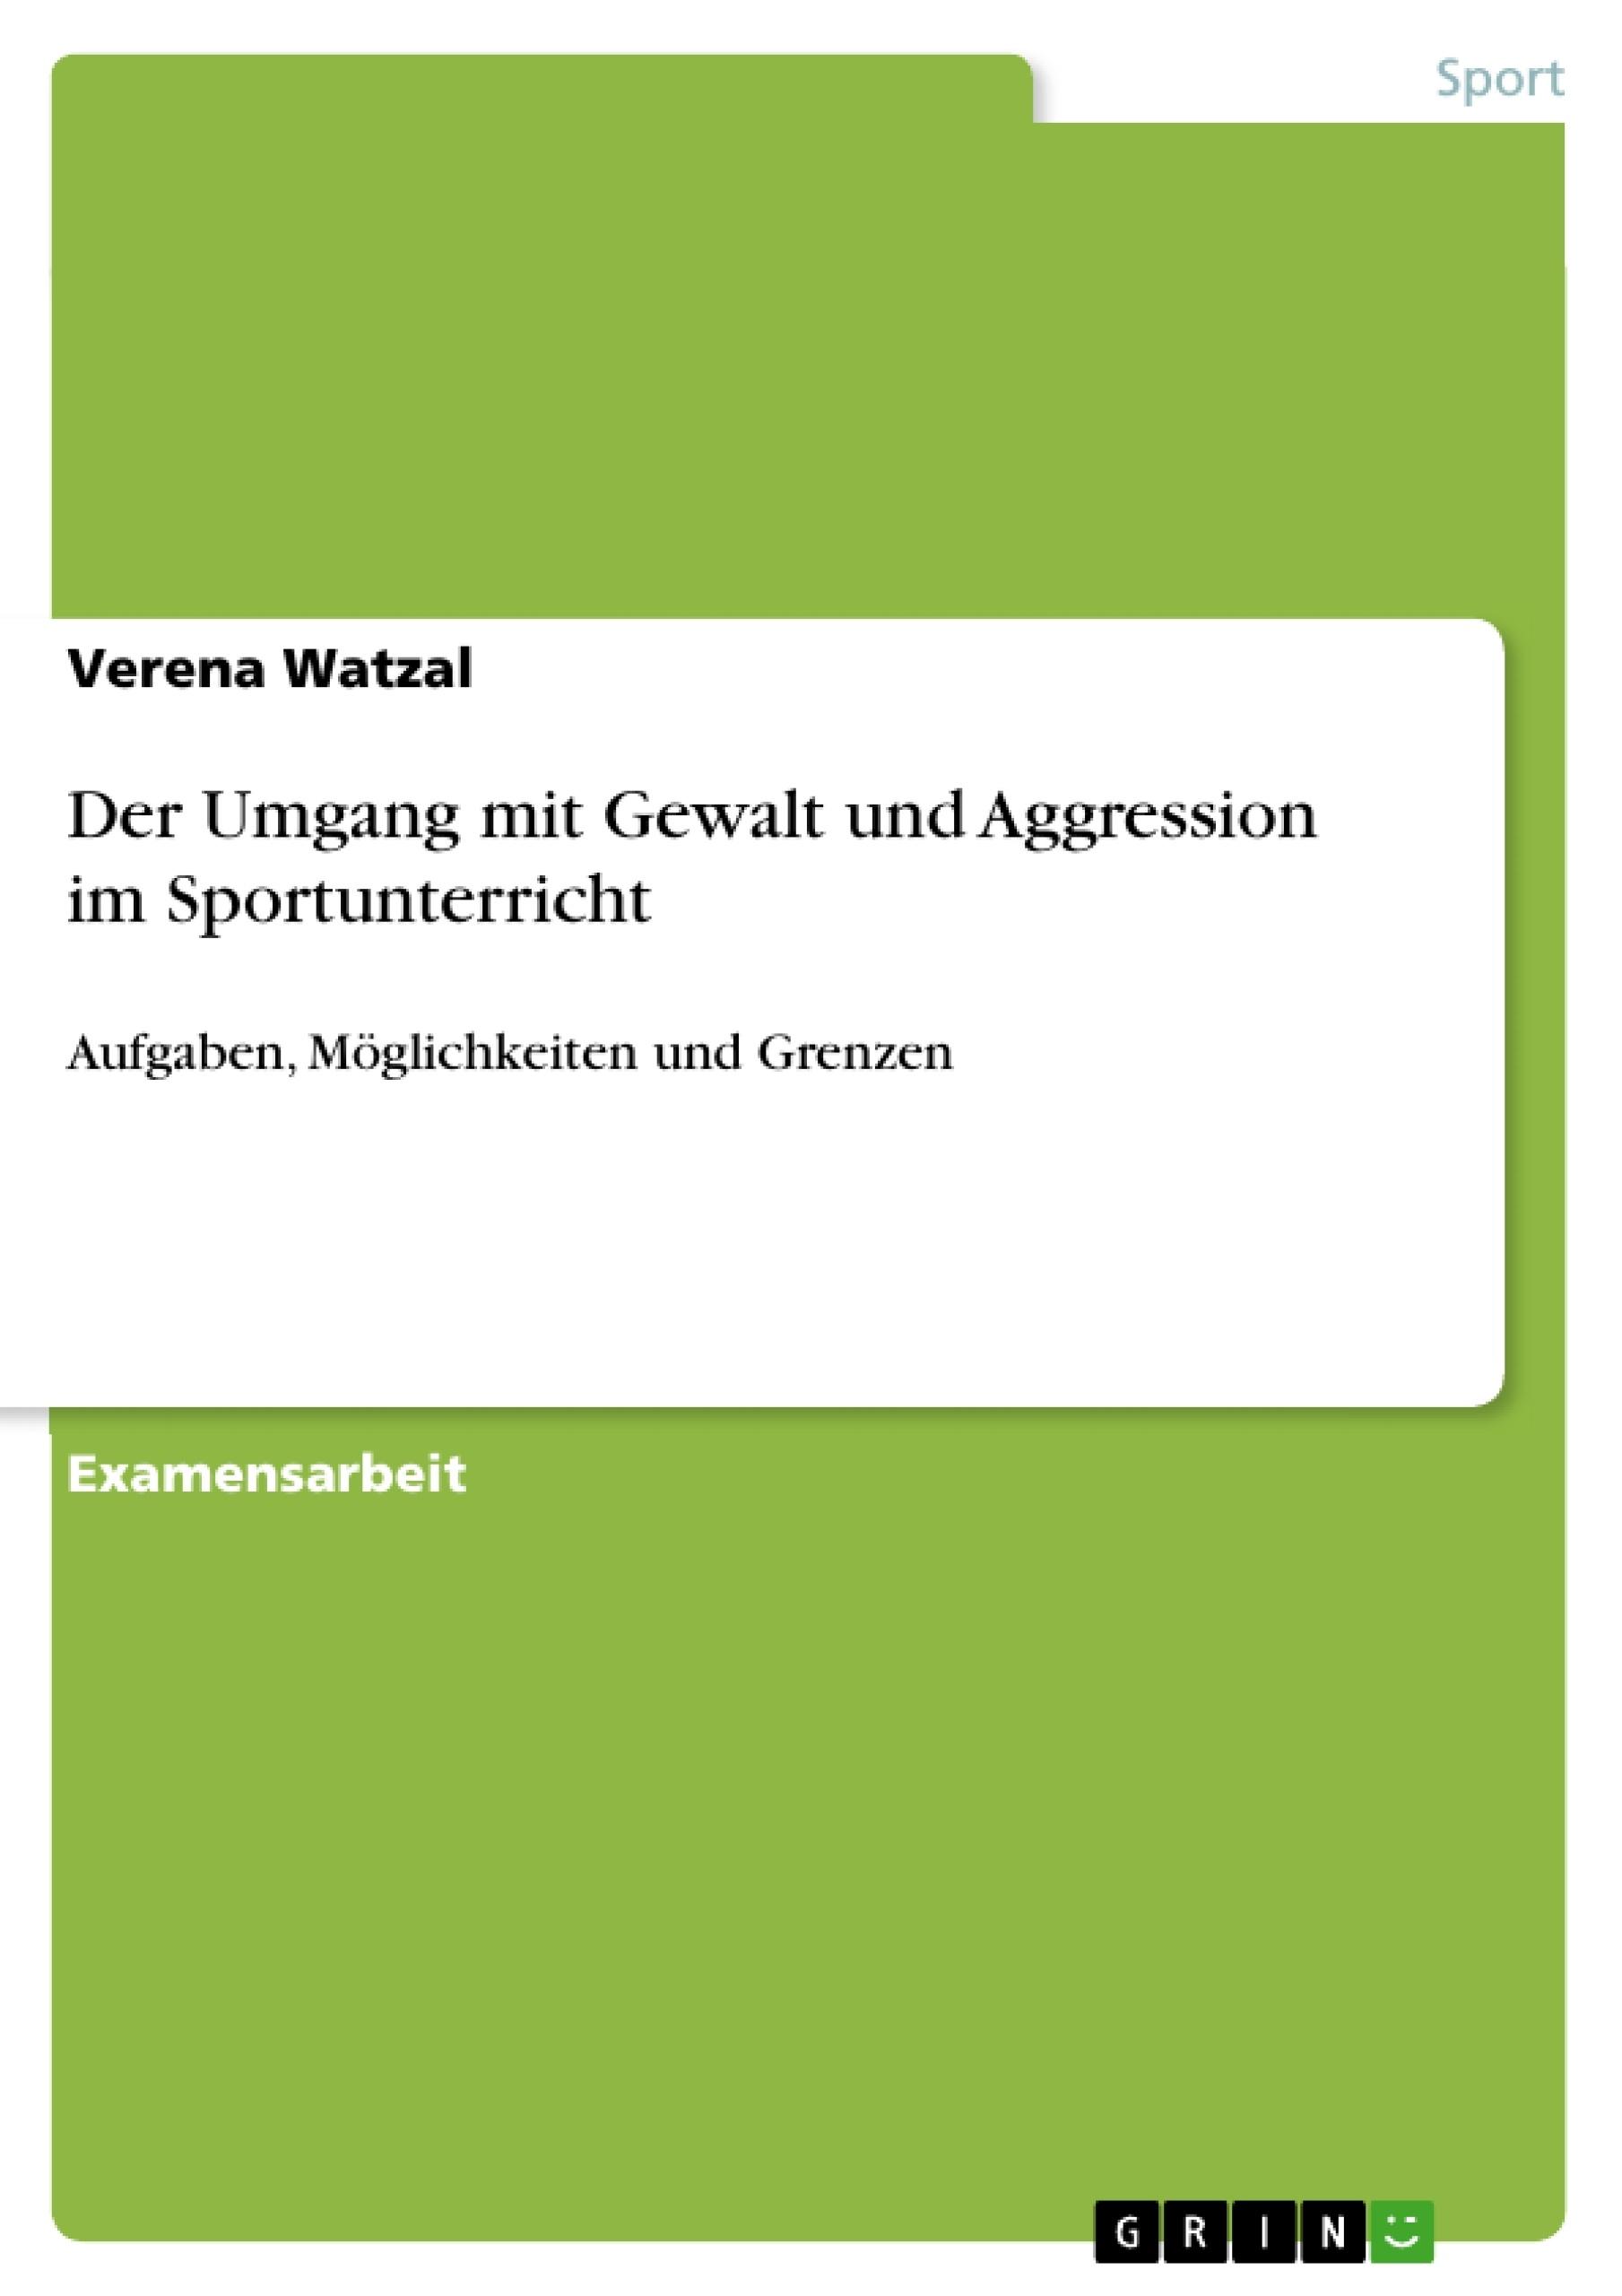 Titel: Der Umgang mit Gewalt und Aggression im Sportunterricht